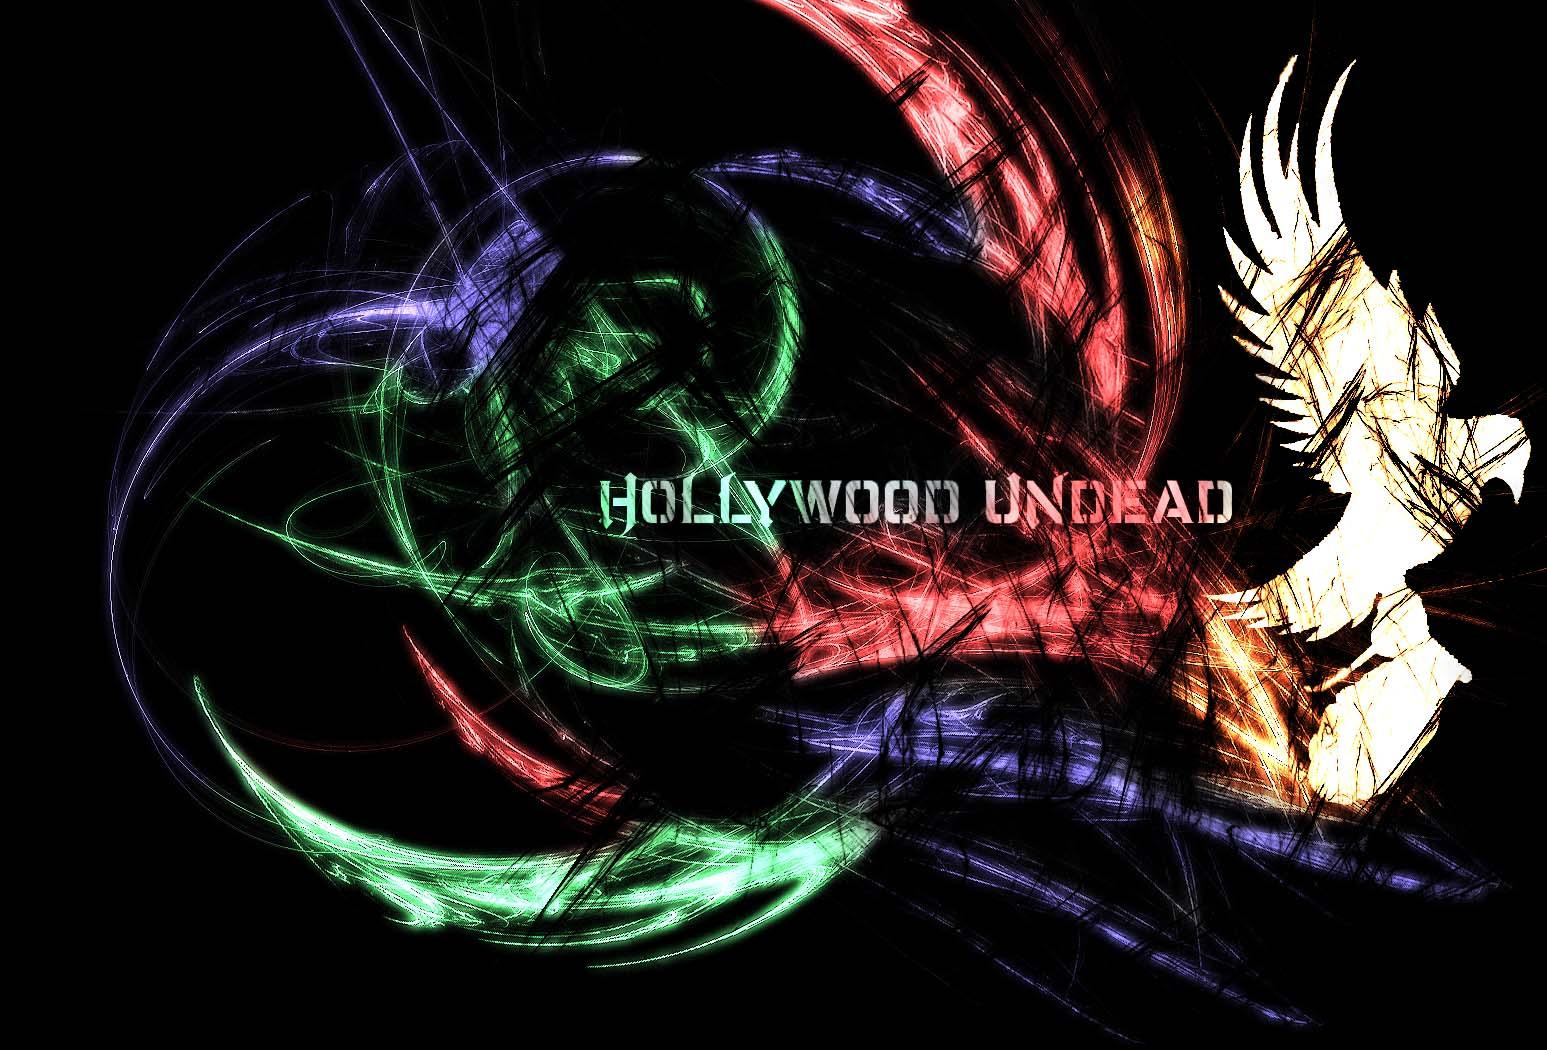 Hollywood Undead Wallpaper by Tado-Kurosawa615